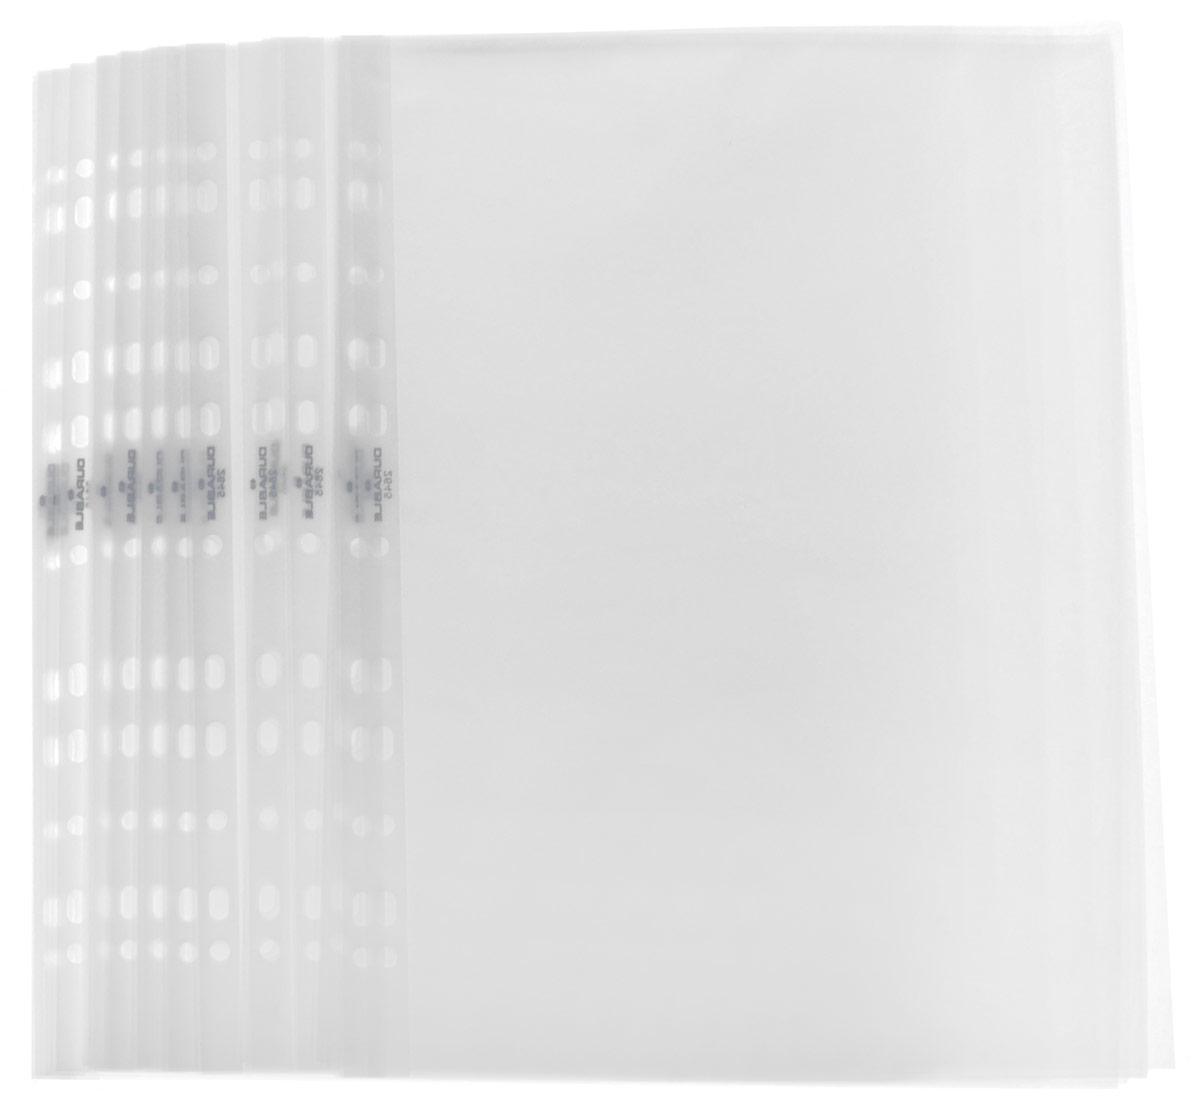 Durable Файл-вкладыш с перфорацией цвет прозрачный 50 шт 2645-192645-19Файл-вкладыш Durable отлично подойдет для подшивки документов в архивные папки без перфорирования дыроколом. Выполнен из особо прочного материала, предназначен для документов формата А4 и А4+. Файл вмещает до 40 листов, имеет прочный шов. Мультиперфорация совместима с папками на 2 и 4 кольцах. В упаковке 50 файлов-вкладышей.